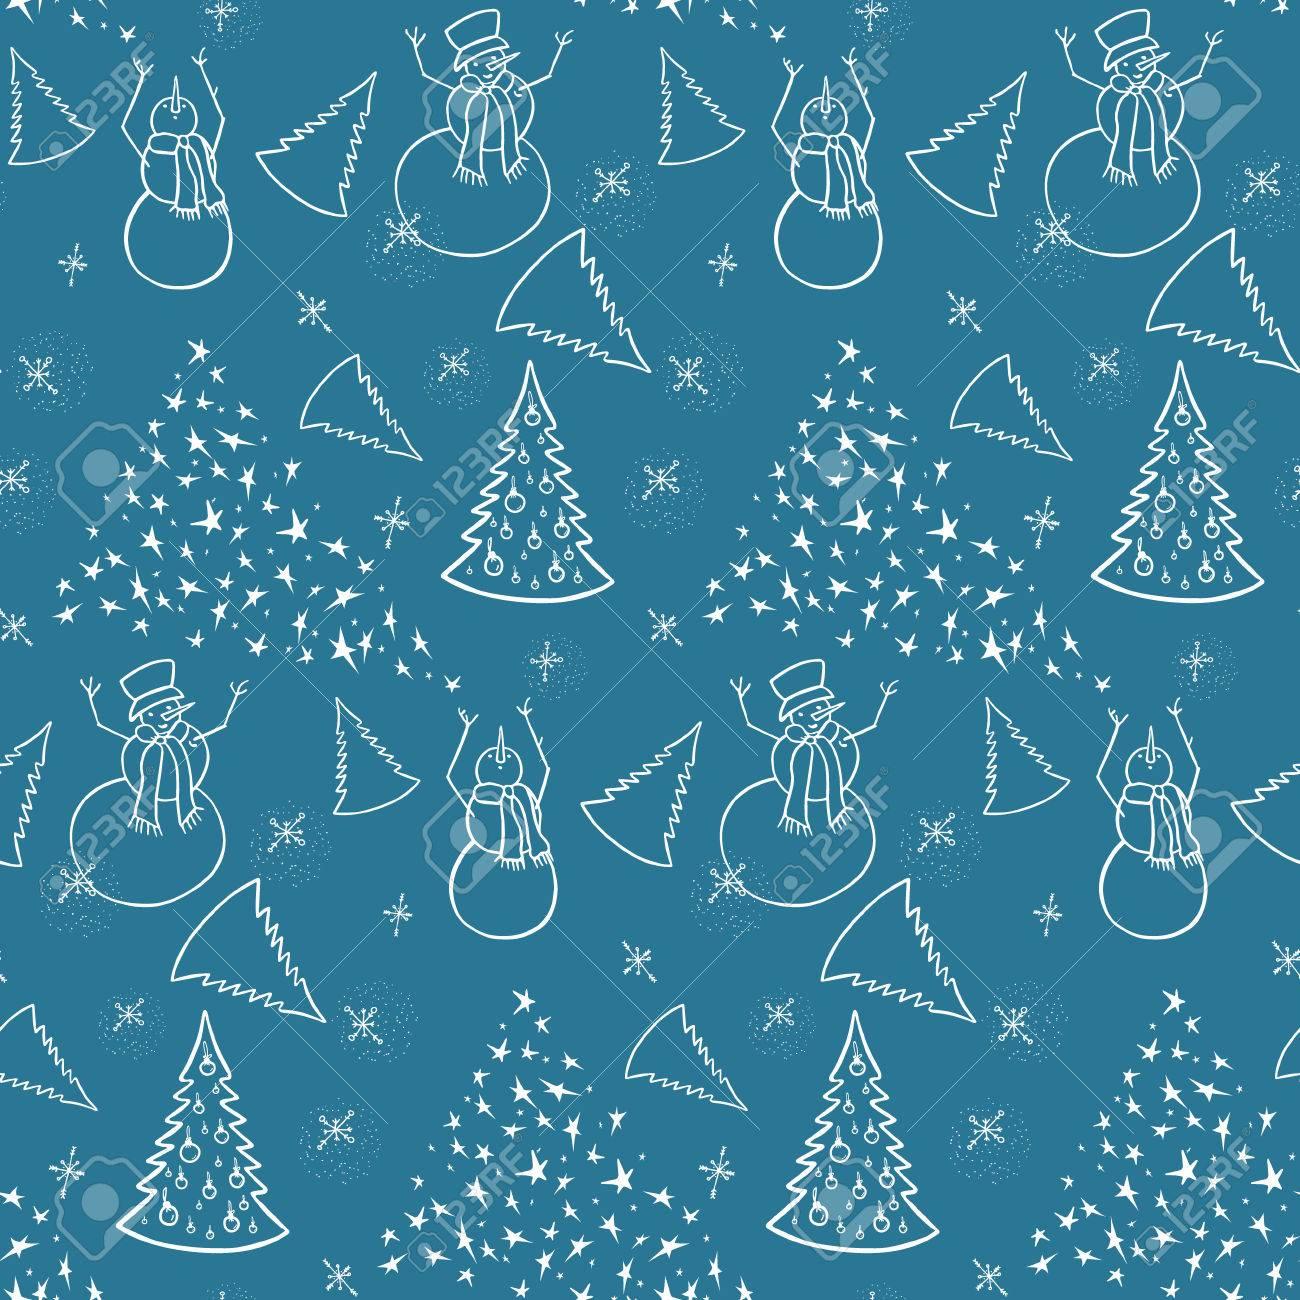 クリスマスの背景雪だるまとクリスマス ツリー包装紙壁紙用